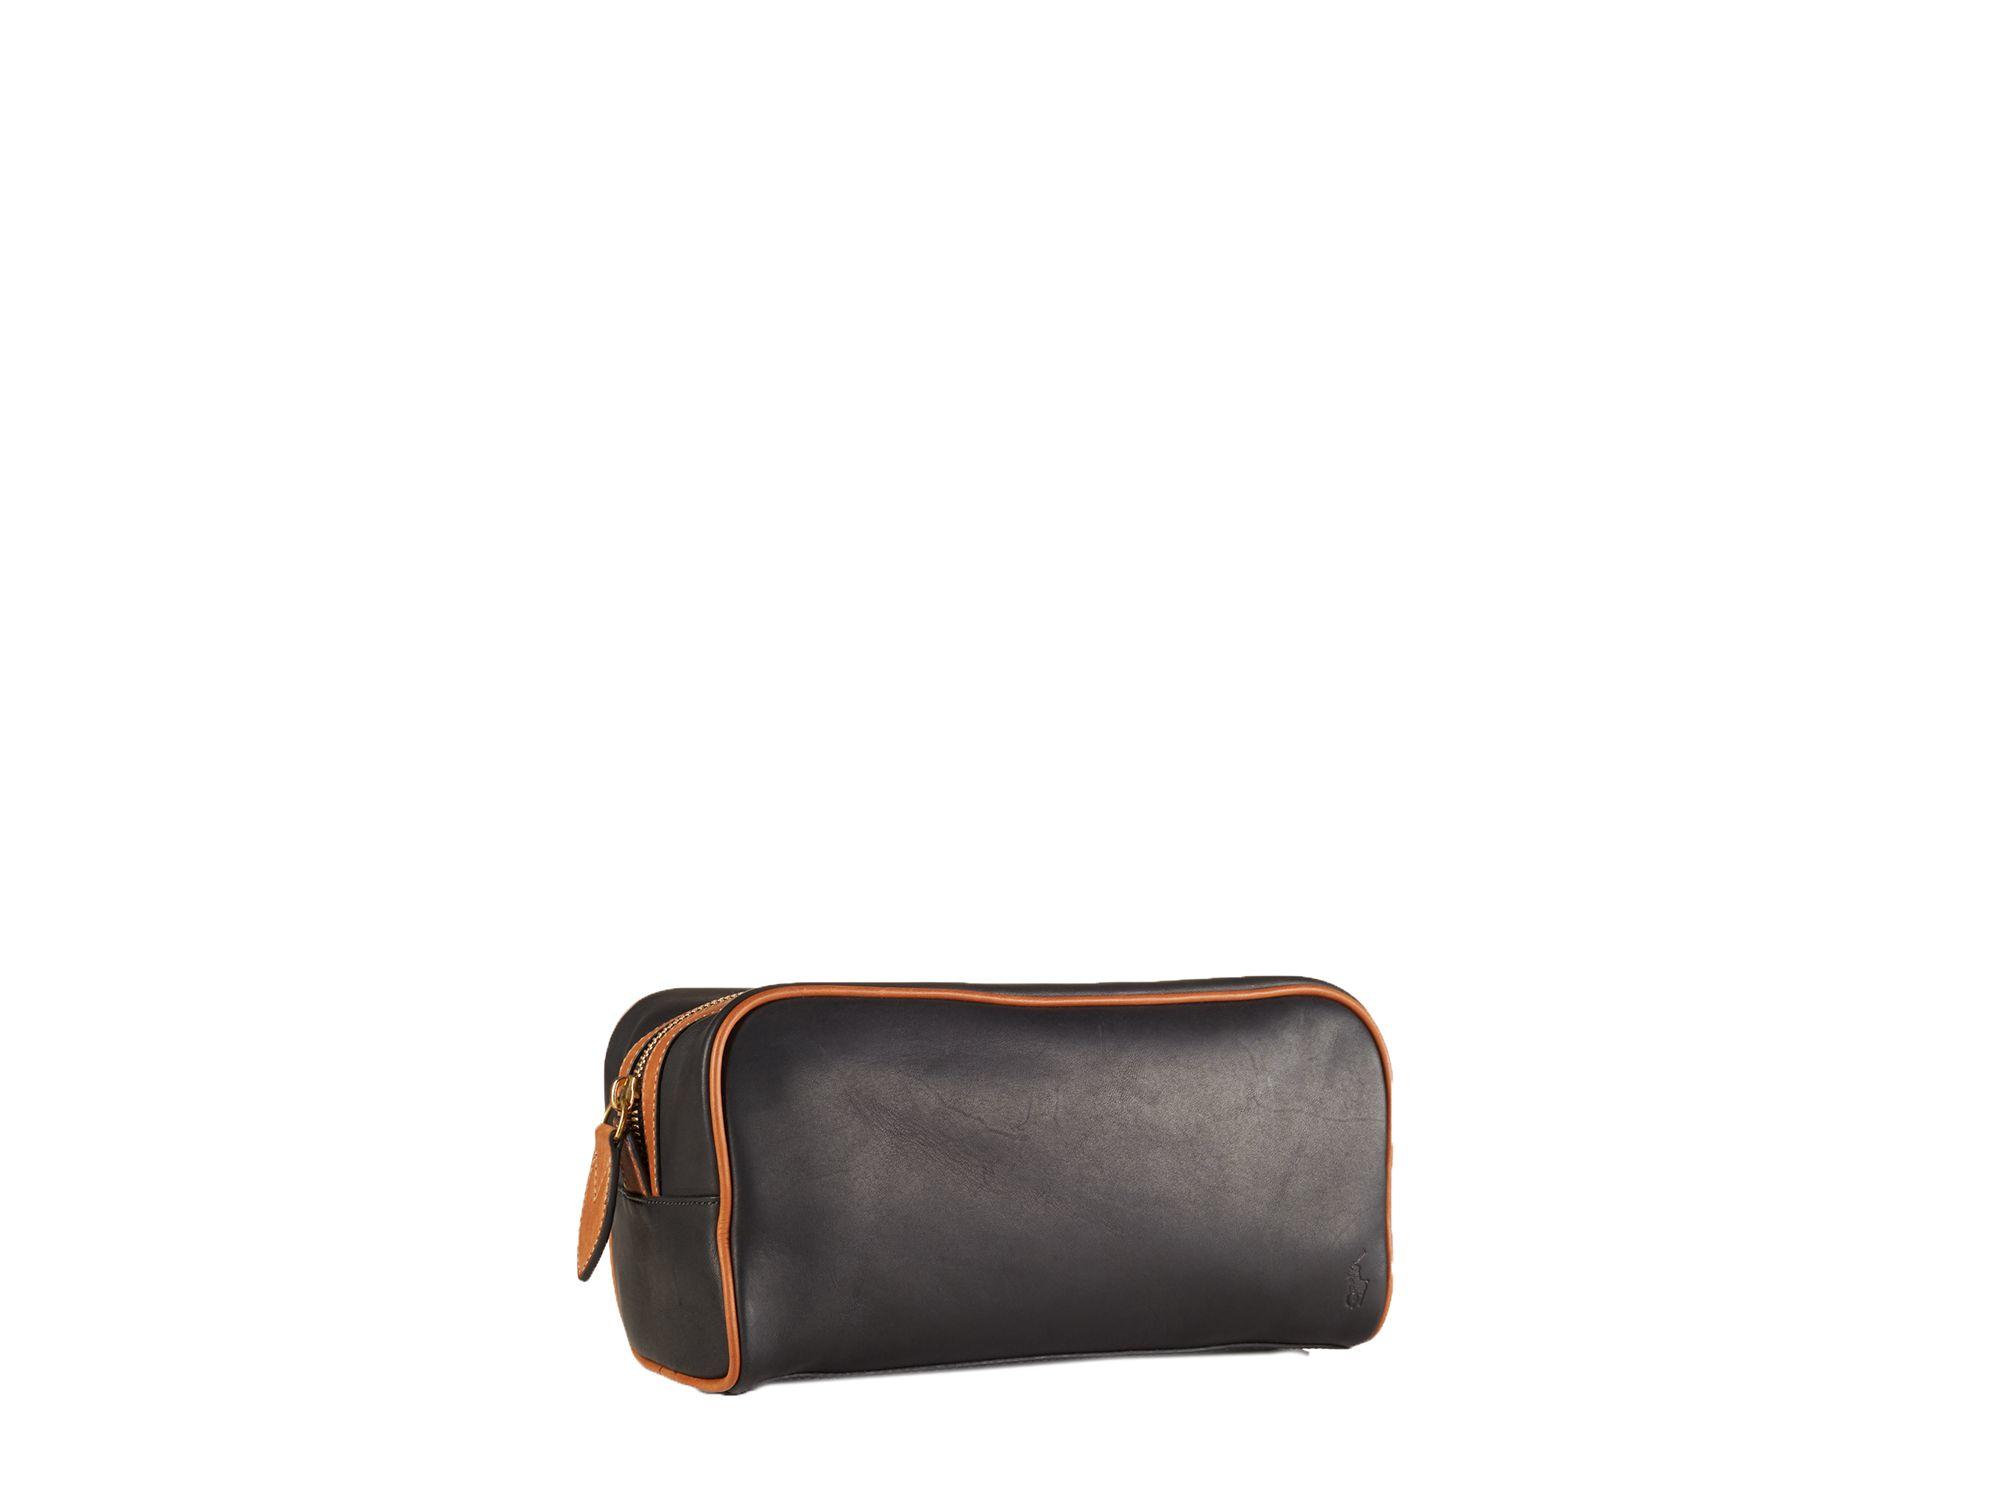 993f8010b4c6 Lyst - Ralph Lauren Polo Core Leather Shaving Kit in Black for Men